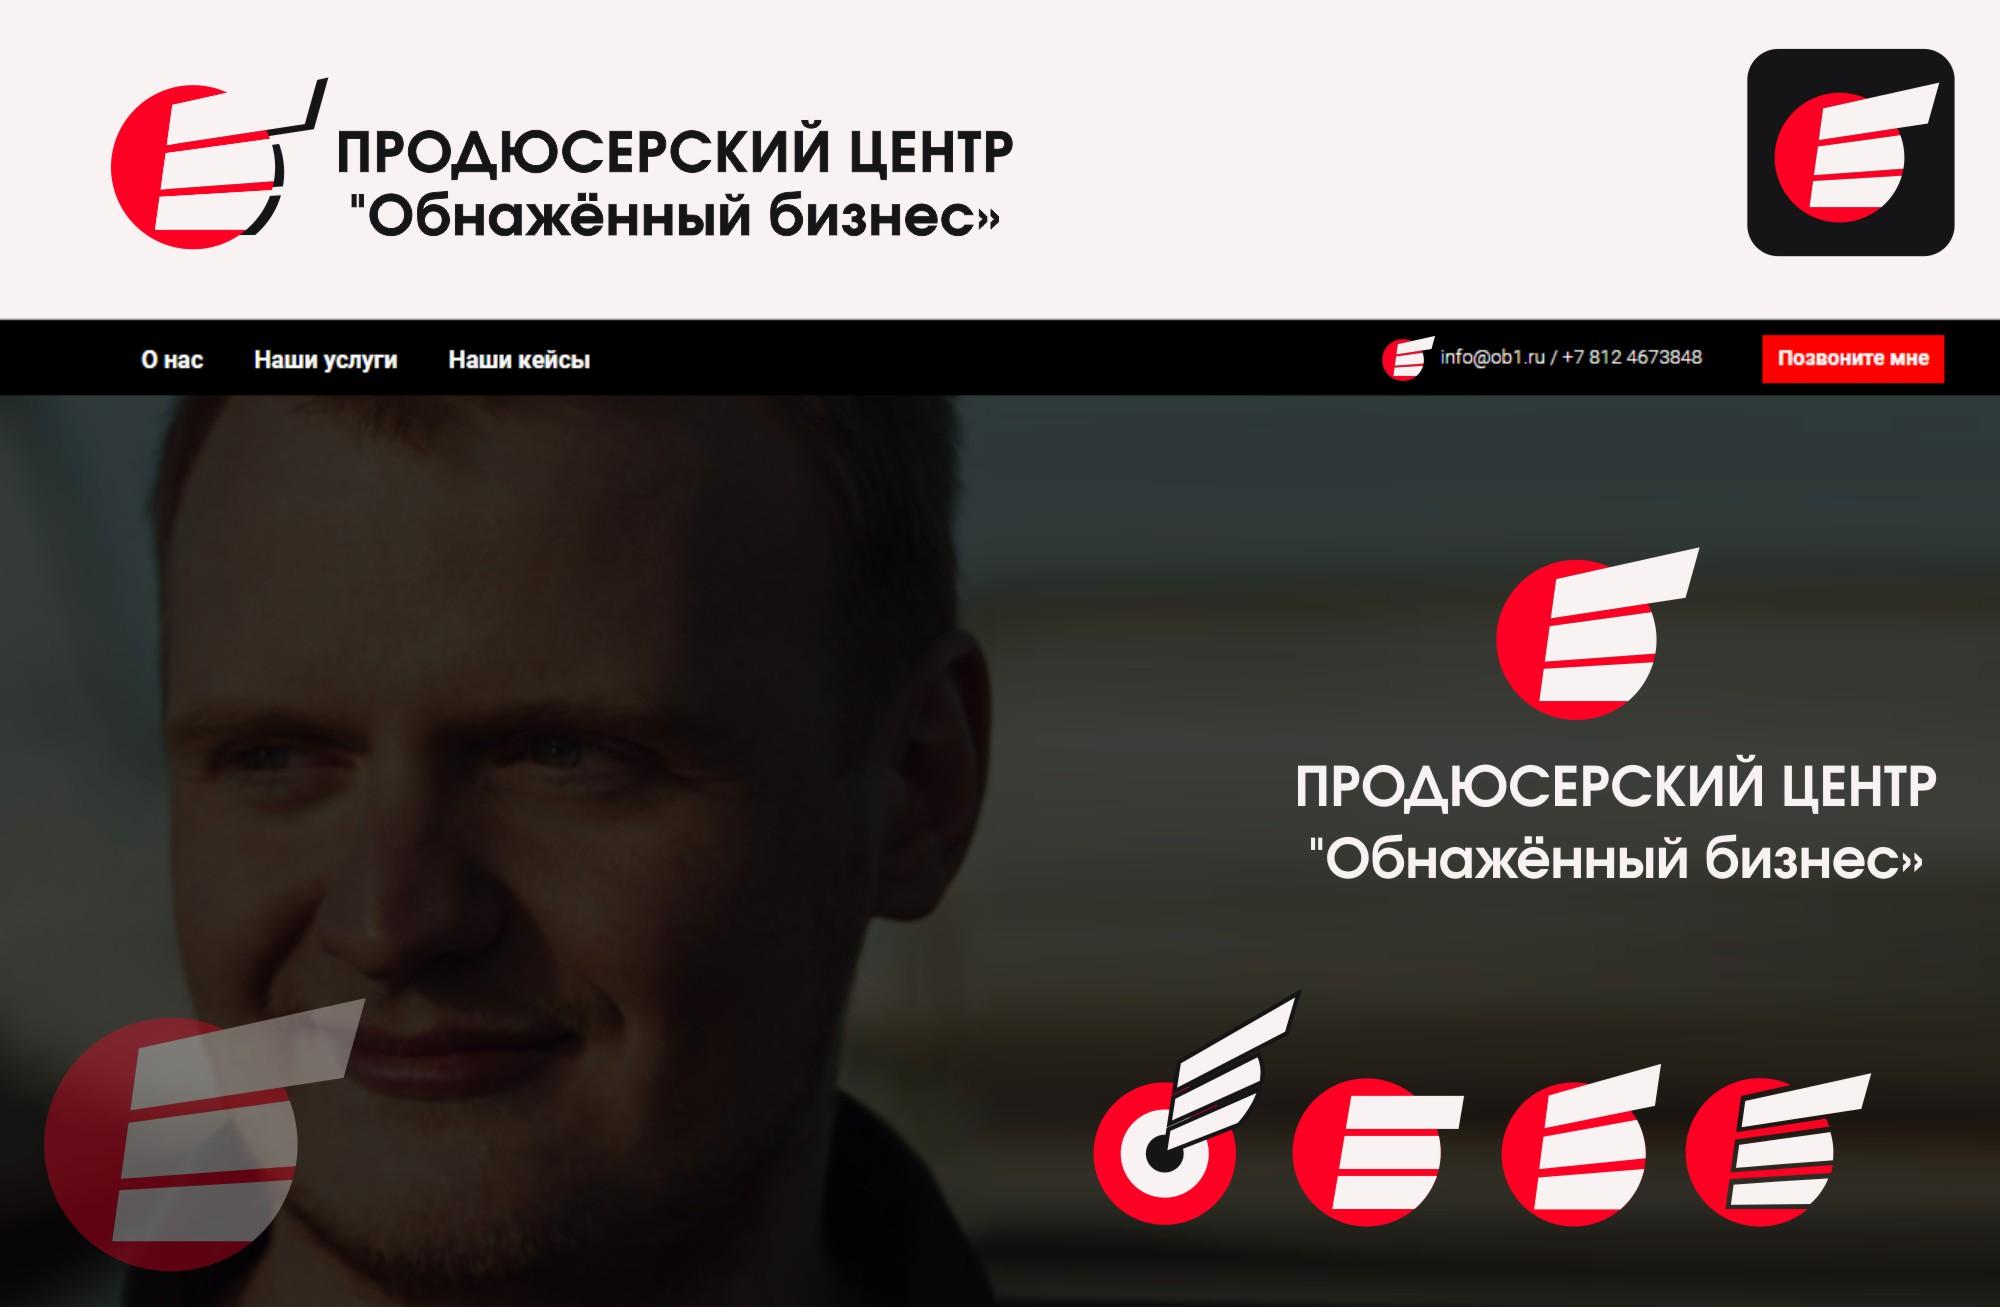 """Логотип для продюсерского центра """"Обнажённый бизнес"""" фото f_7055b9bcb7bd300d.jpg"""